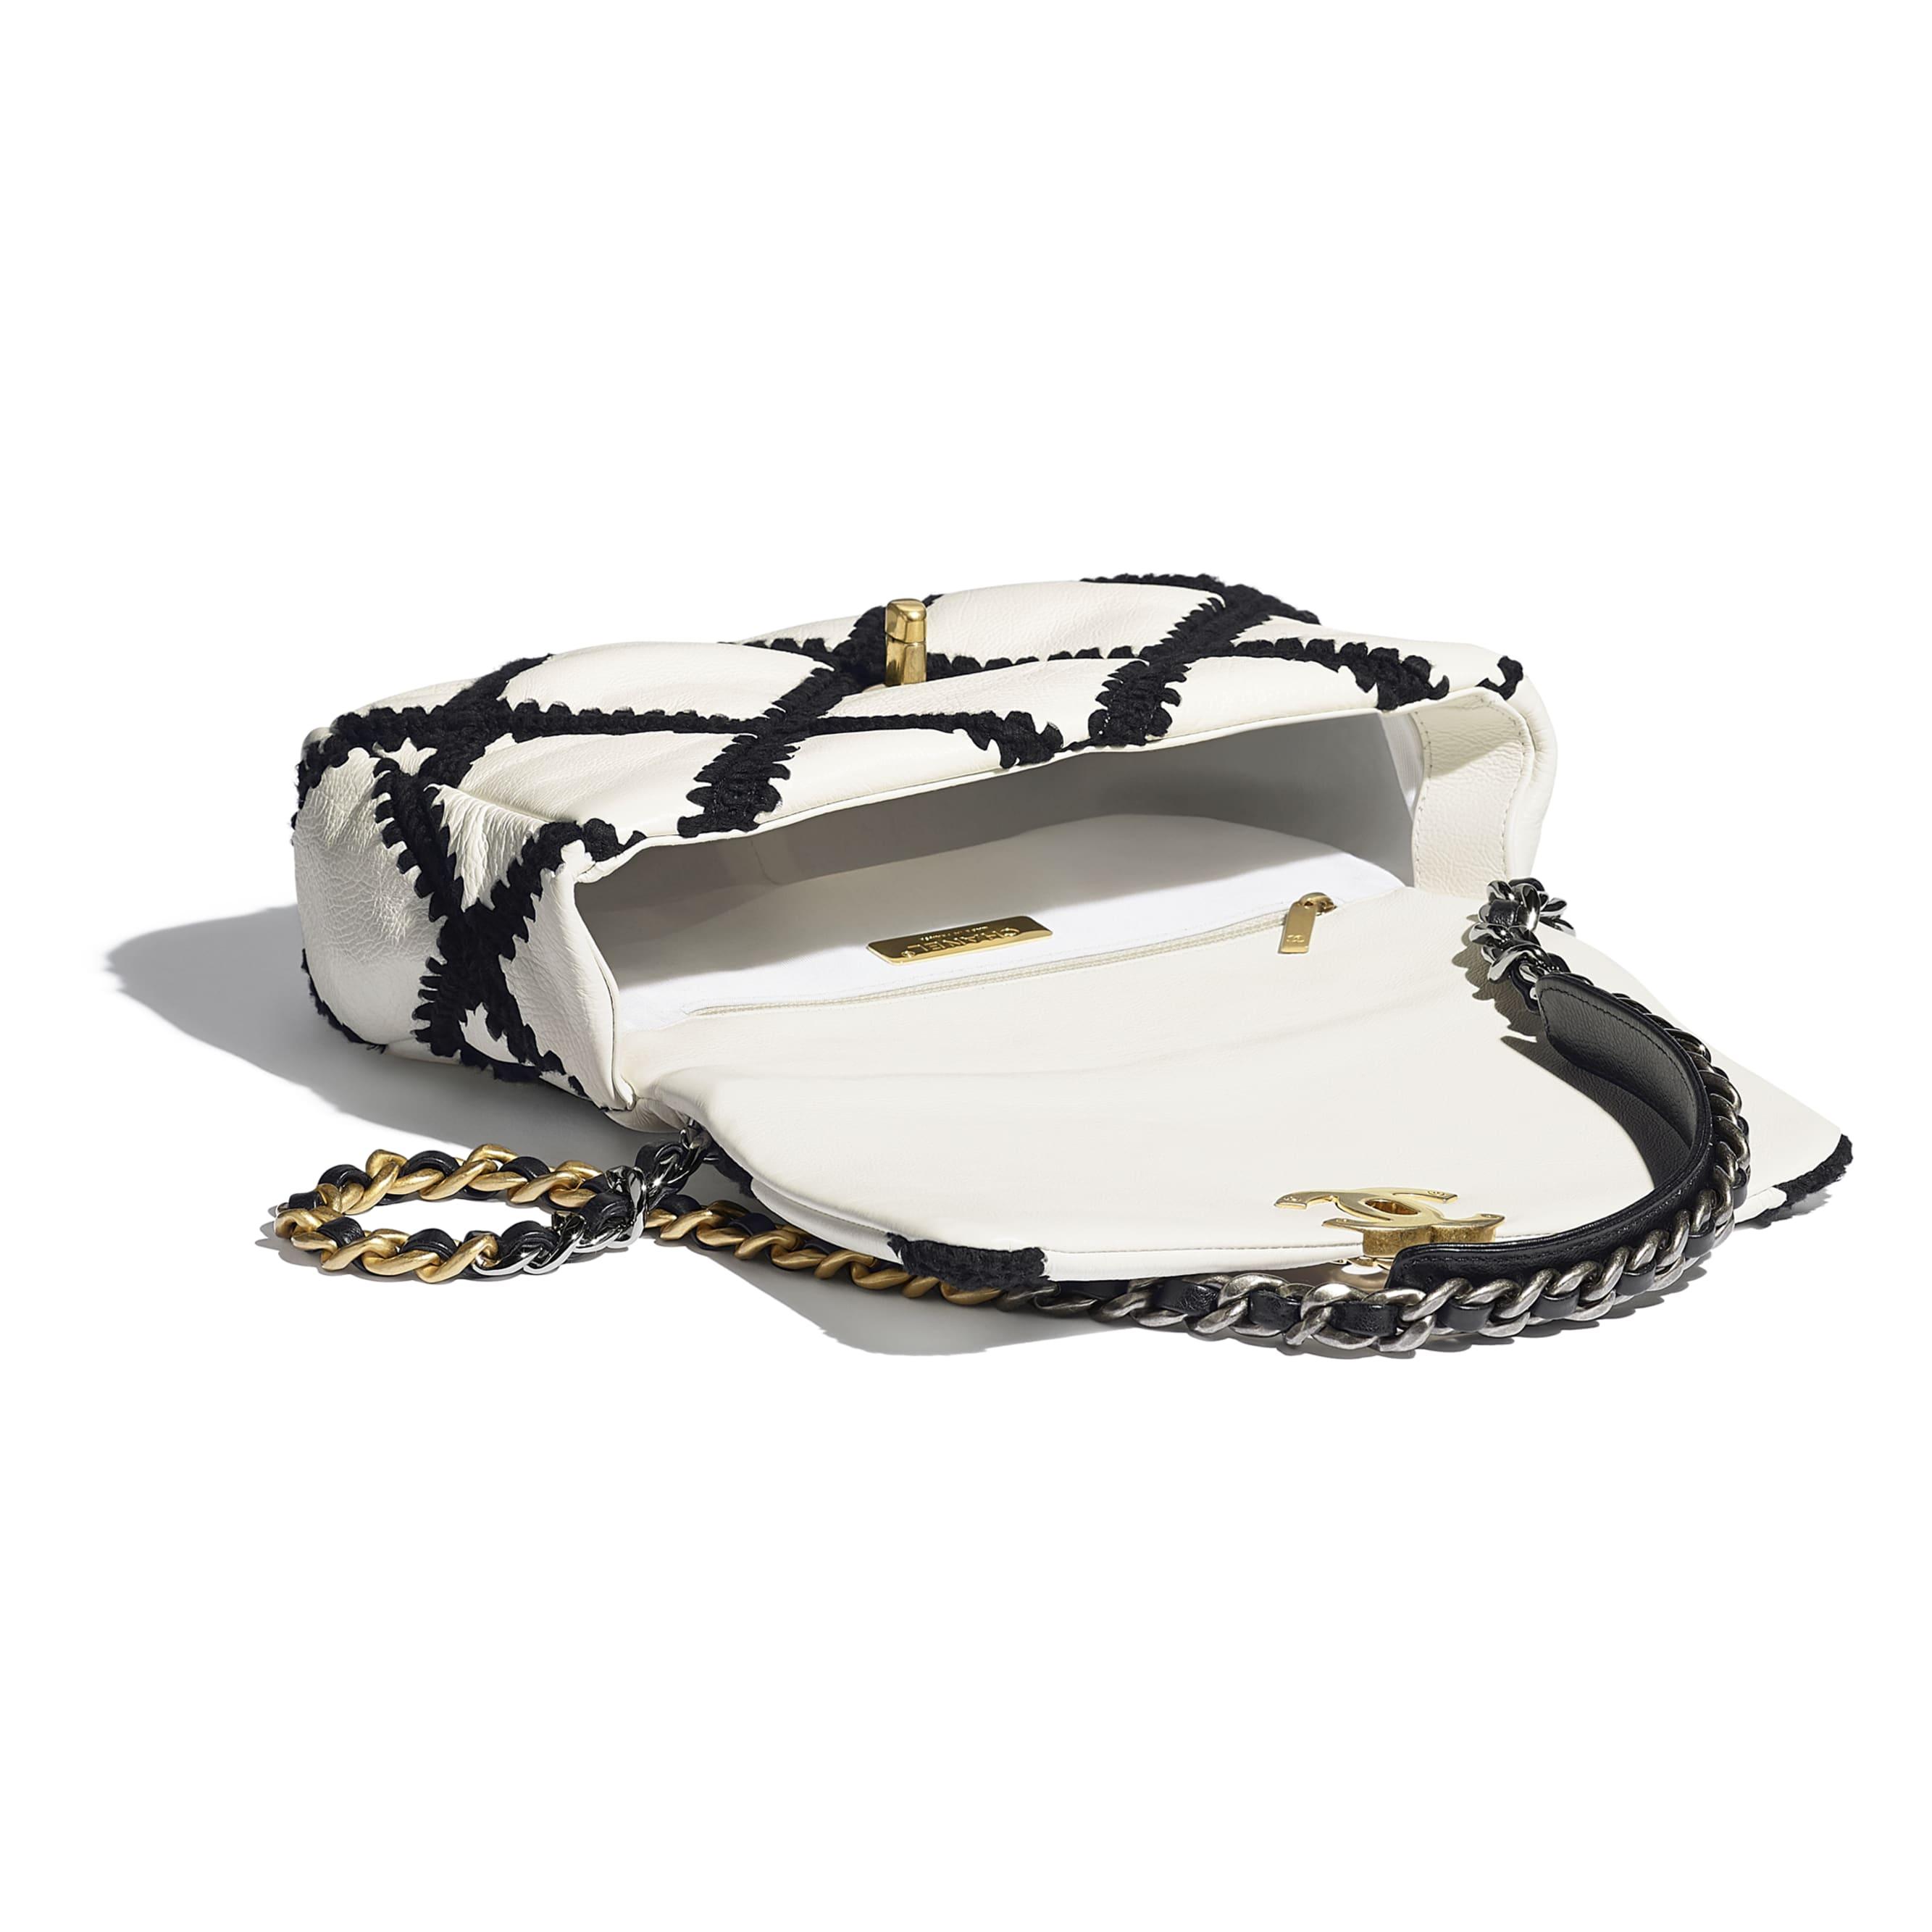 CHANEL 19 口蓋包 - 白與黑 - 小牛皮、鉤針編織、金色、銀色 & 釕色金屬 - CHANEL - 其他視圖 - 查看標準尺寸版本